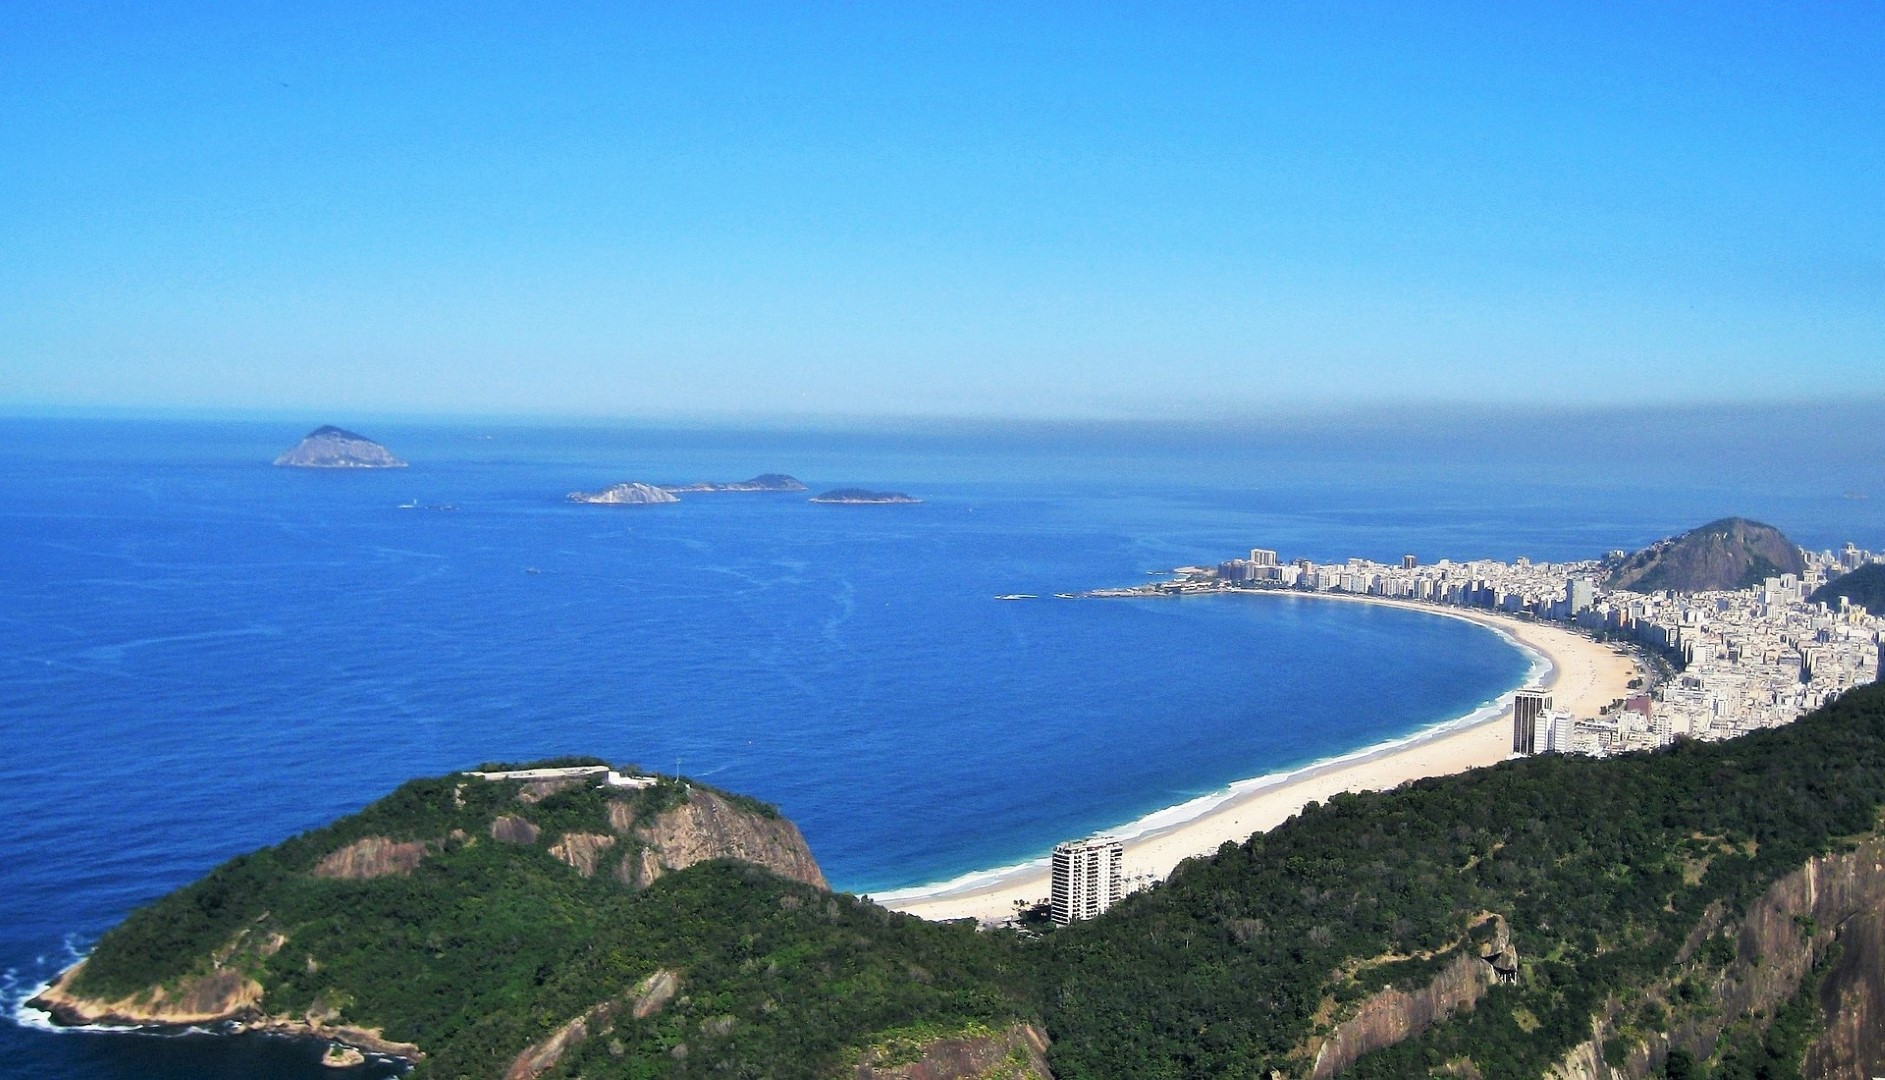 Gerenciamento de Redes Sociais em Brás de Pina – Rio de Janeiro – RJ